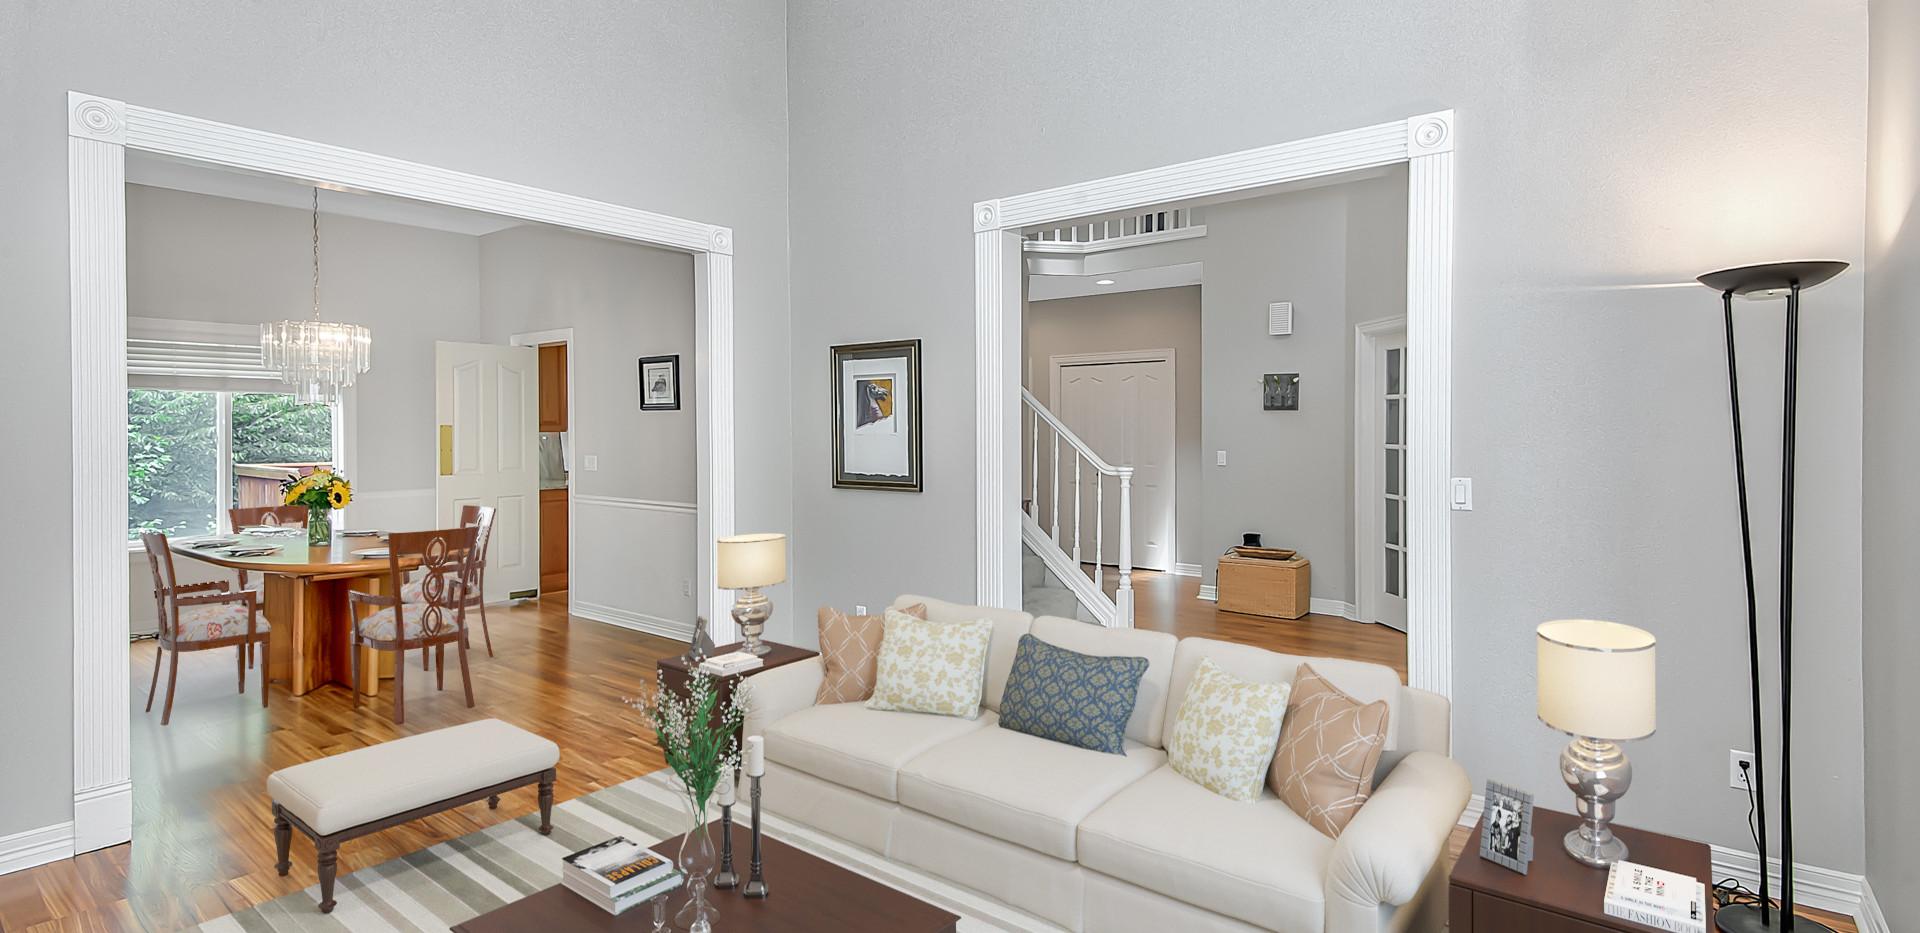 Living room_1.jpg